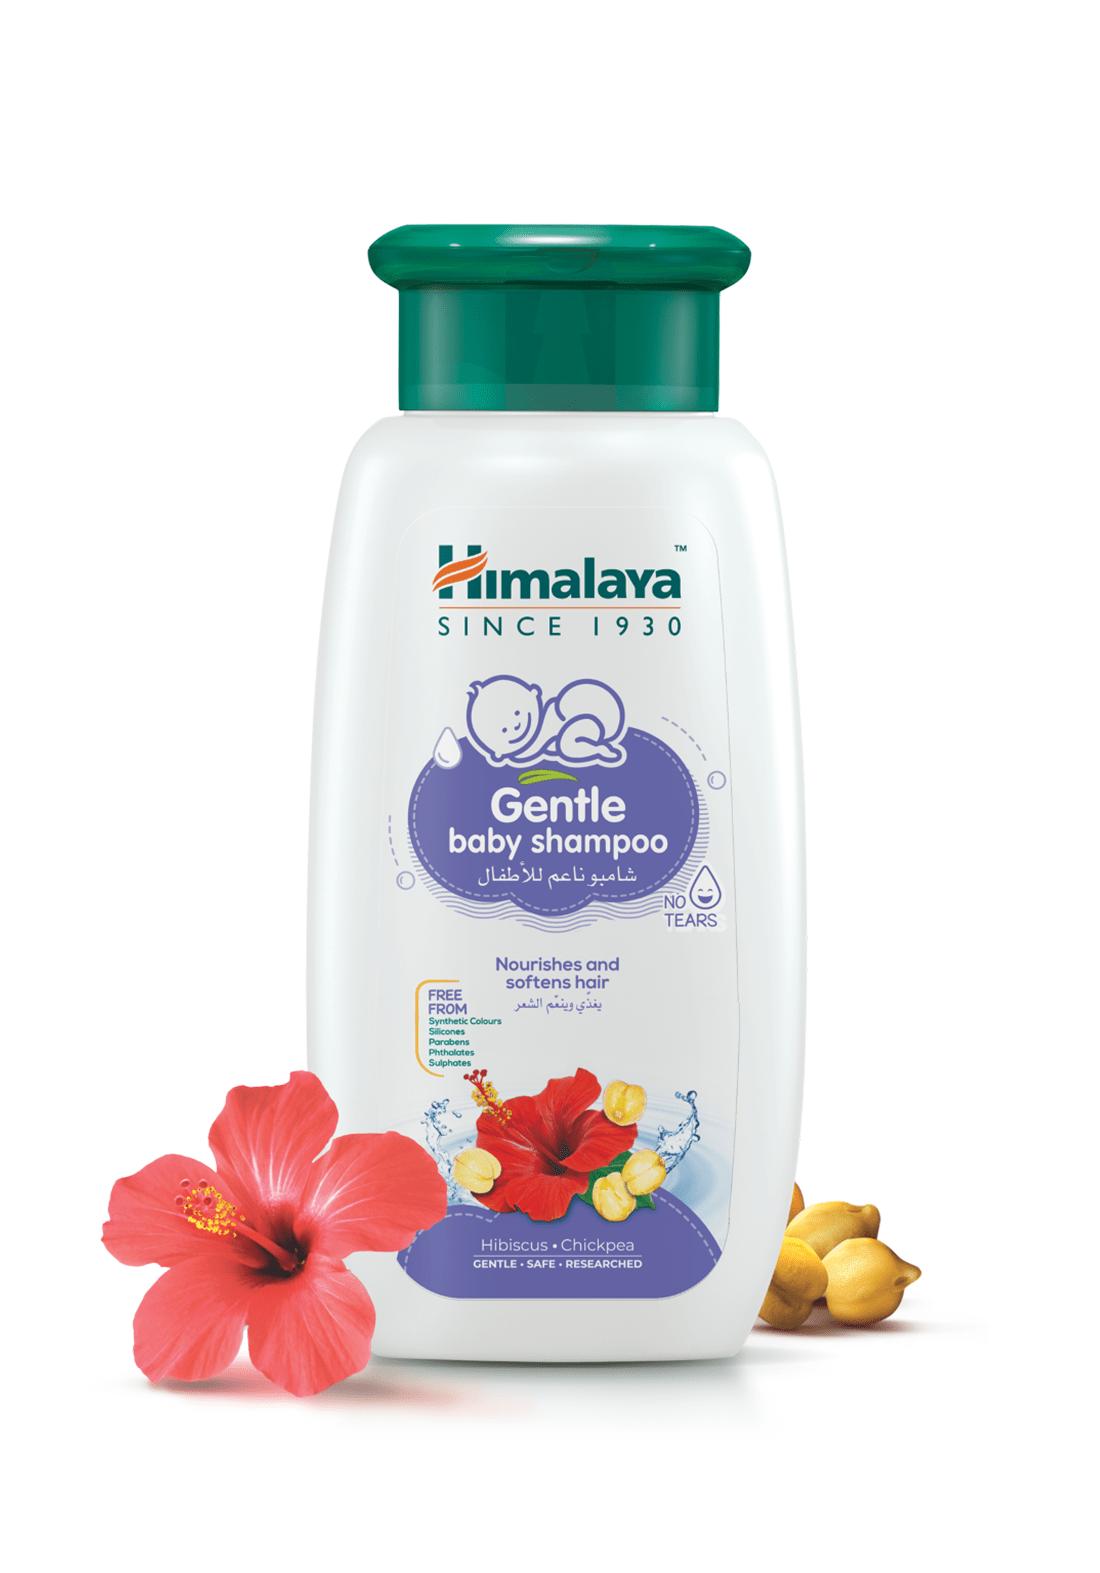 هيمالايا شامبو ناعم للأطفال 200 مل Baby Shampoo - Gentle Baby Shampoo